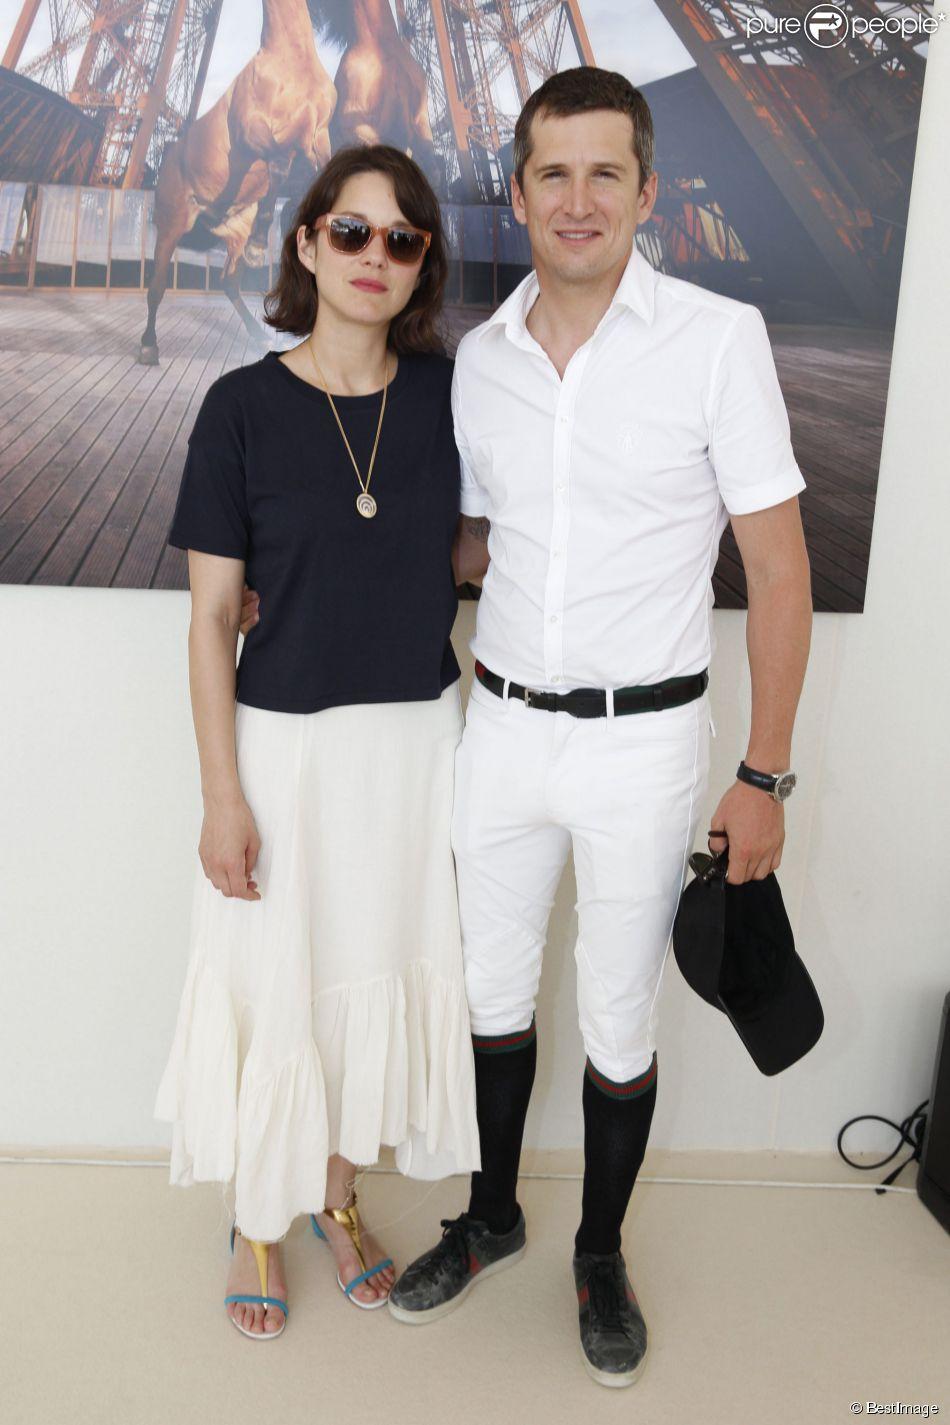 Exclusif - Marion Cotillard et son compagnon Guillaume Canet - People lors du Longines Paris Eiffel Jumping au Champ-de-Mars à Paris, le 4 juillet 2015.